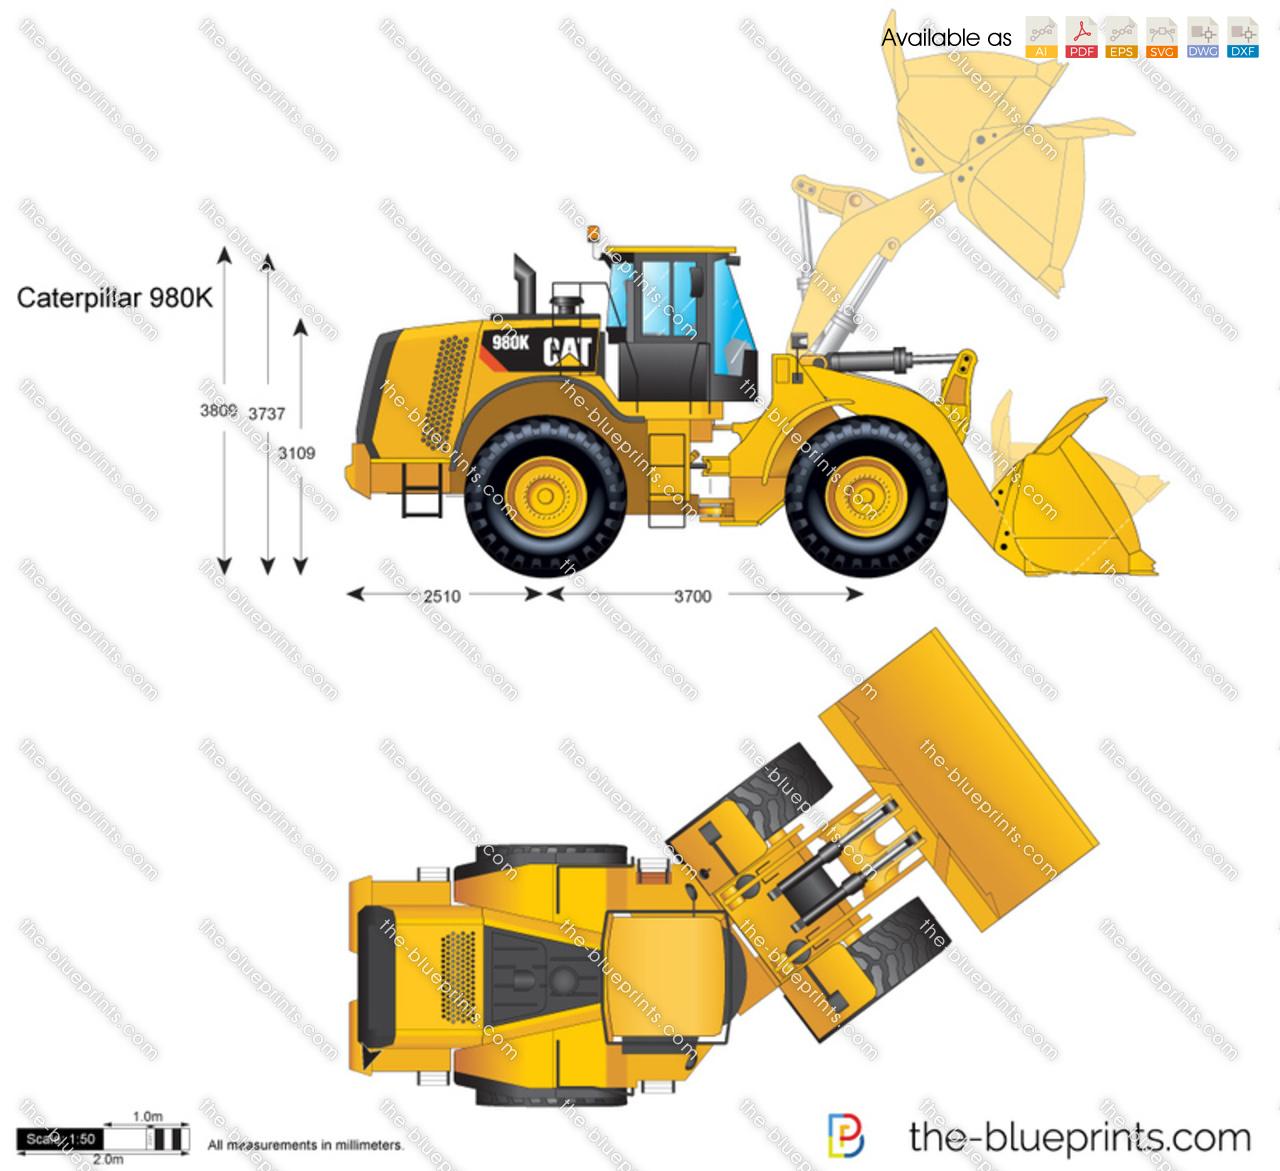 Caterpillar 980k Wheel Loader Vector Drawing